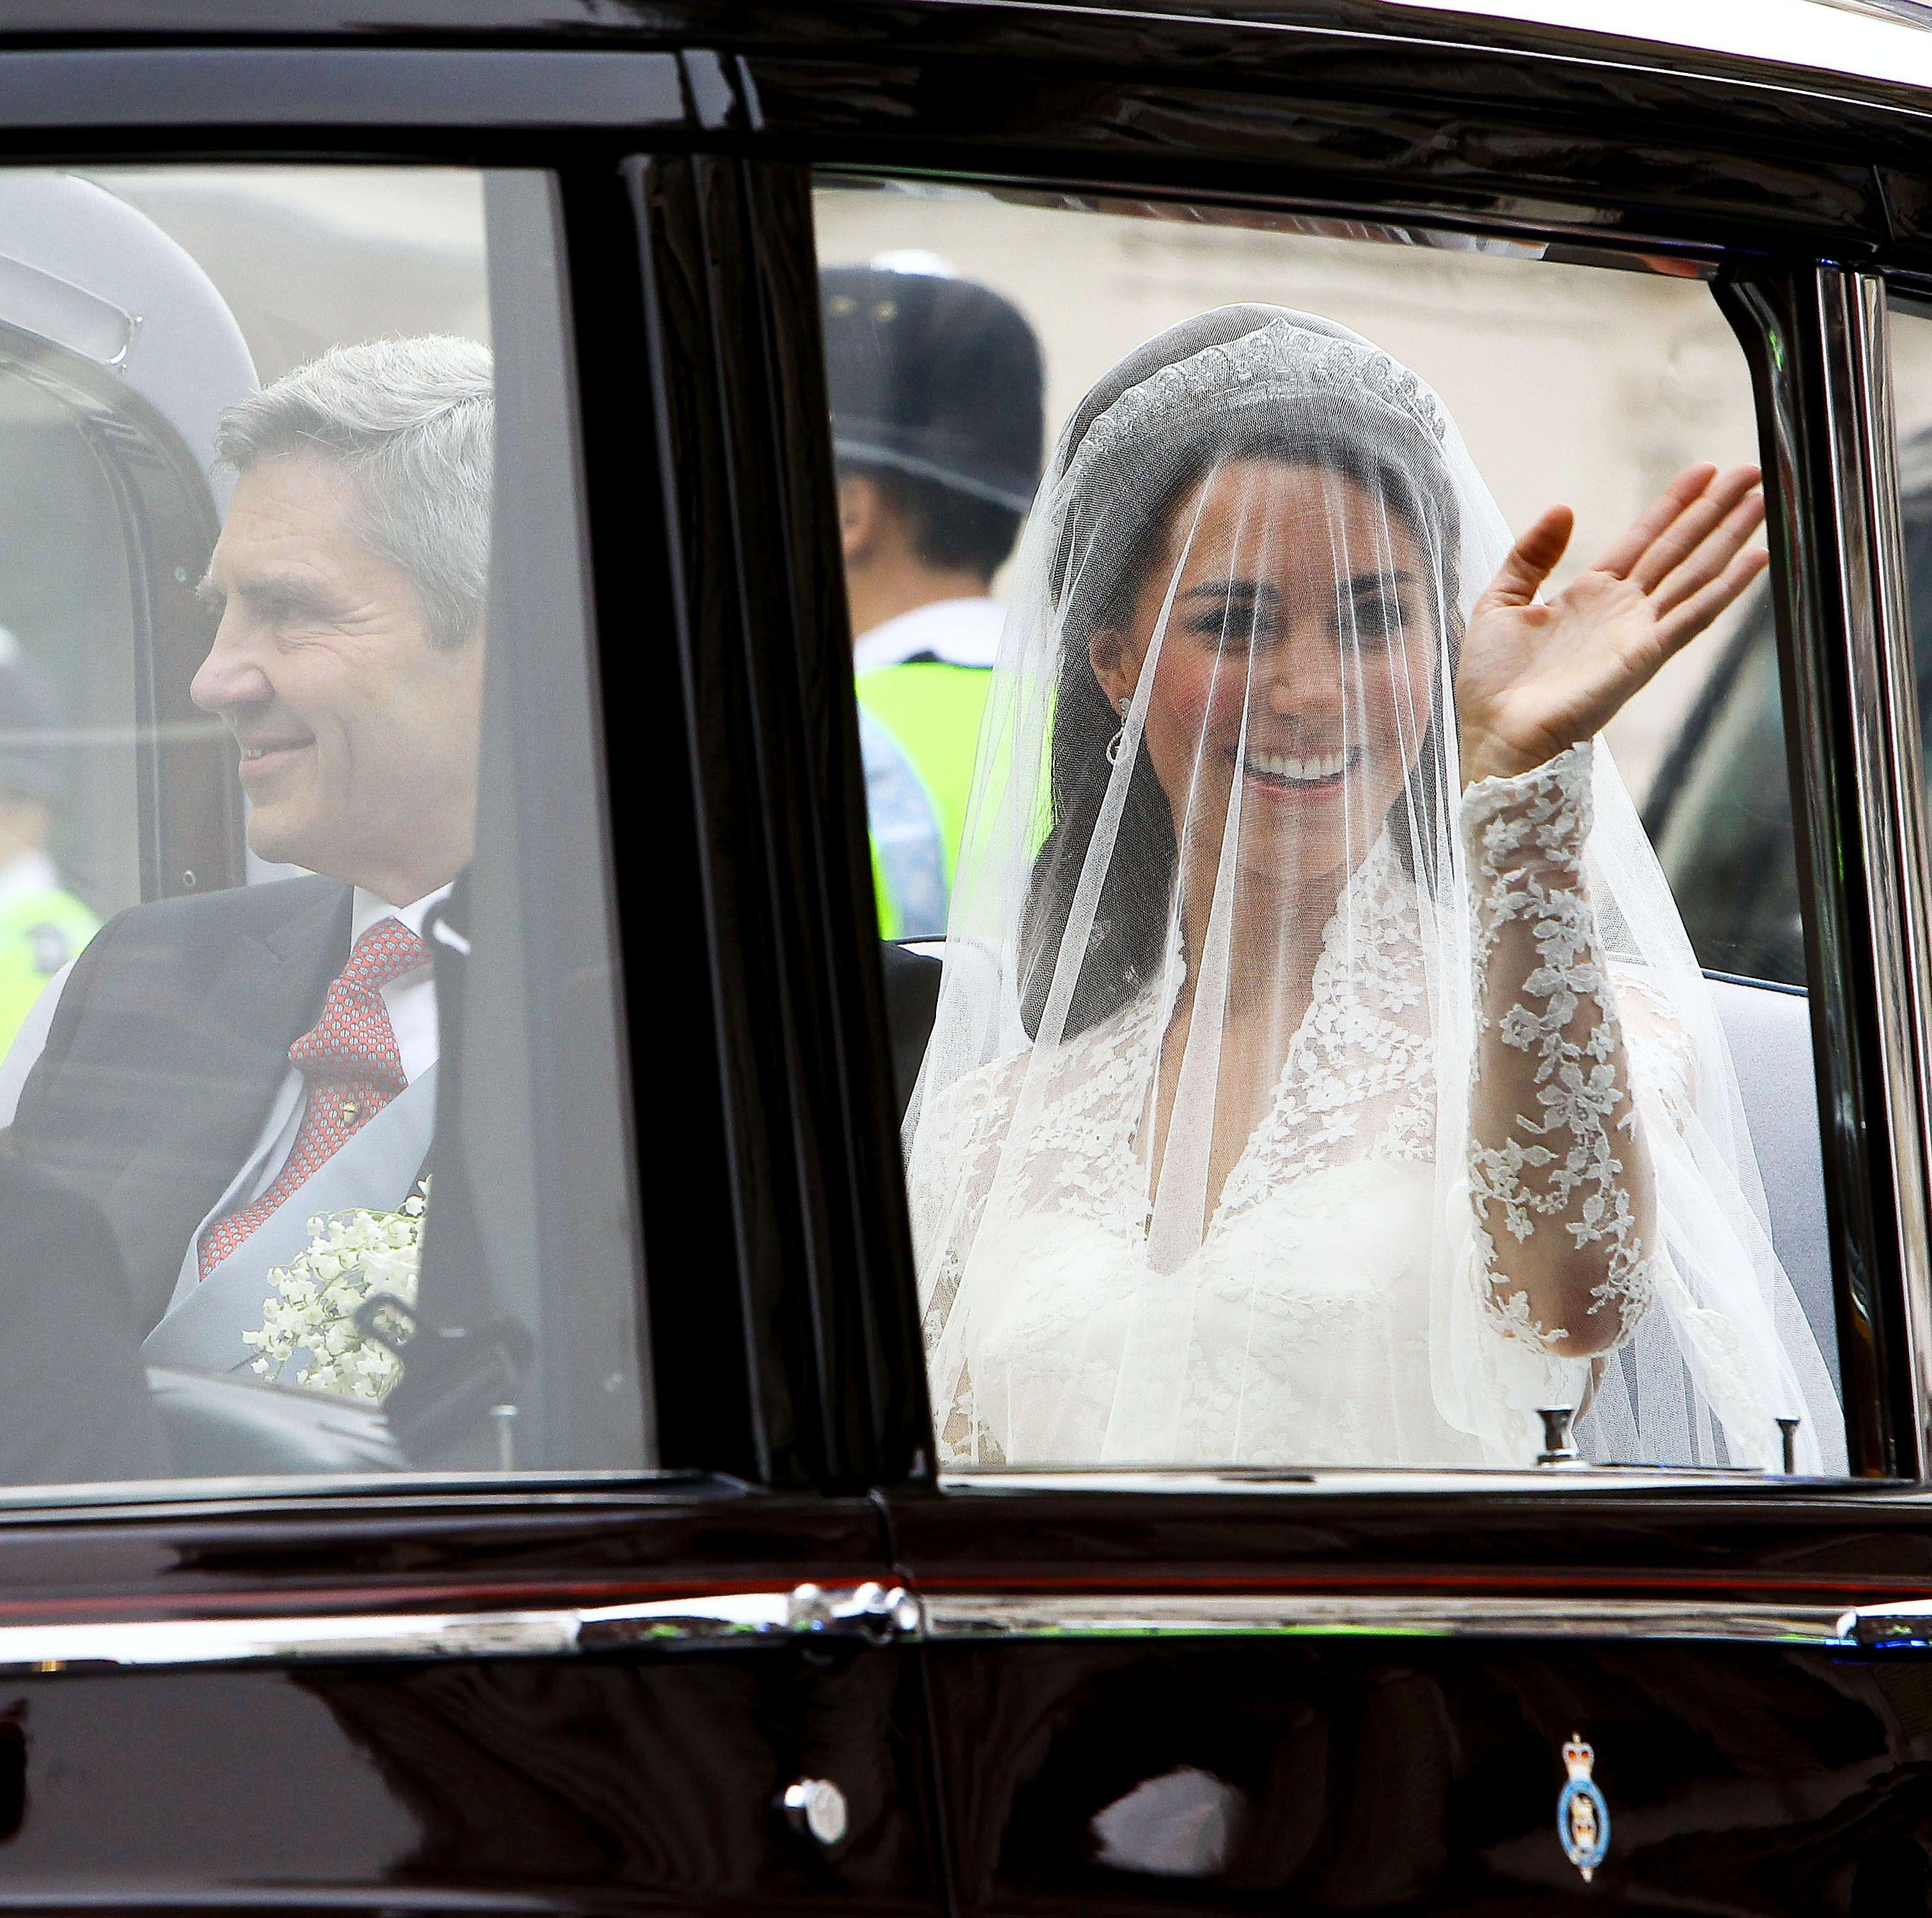 Wedding Gown Of Kate Middleton: Kate Middleton's Wedding Dress